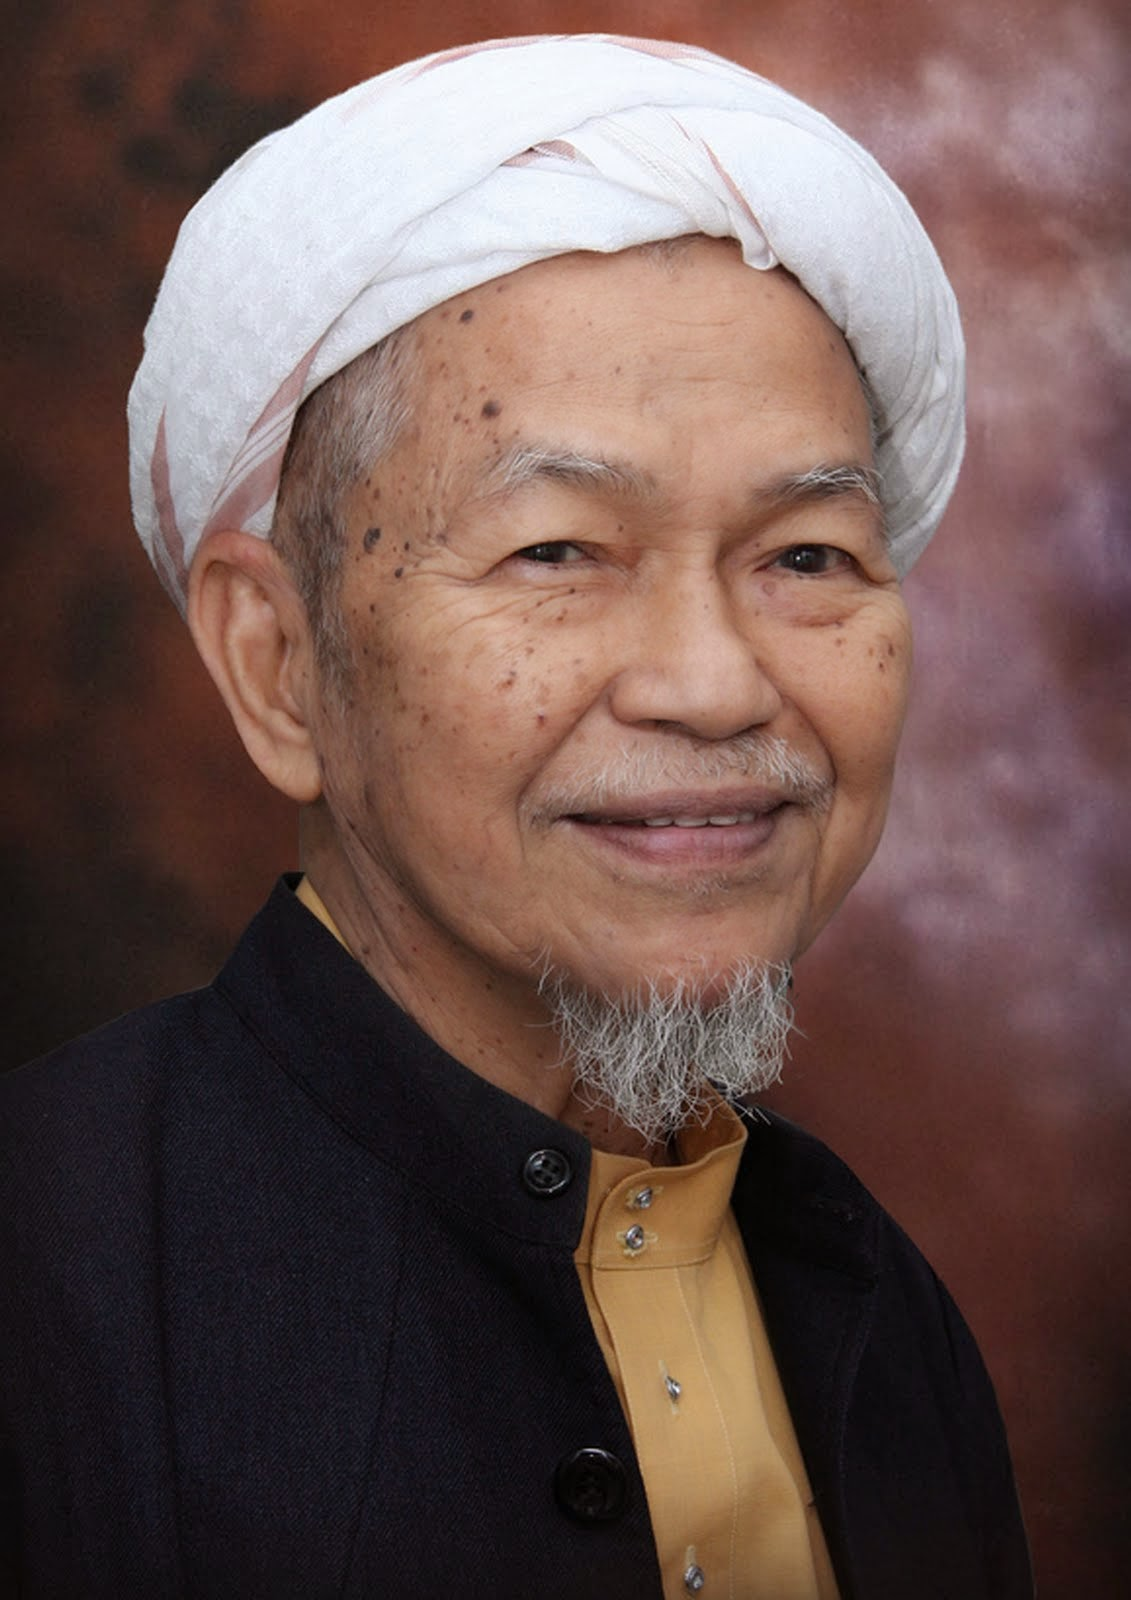 Datuk Nik Abdul Aziz Nik Mat Bekas Menteri Besar Kelantan Meninggal Dunia